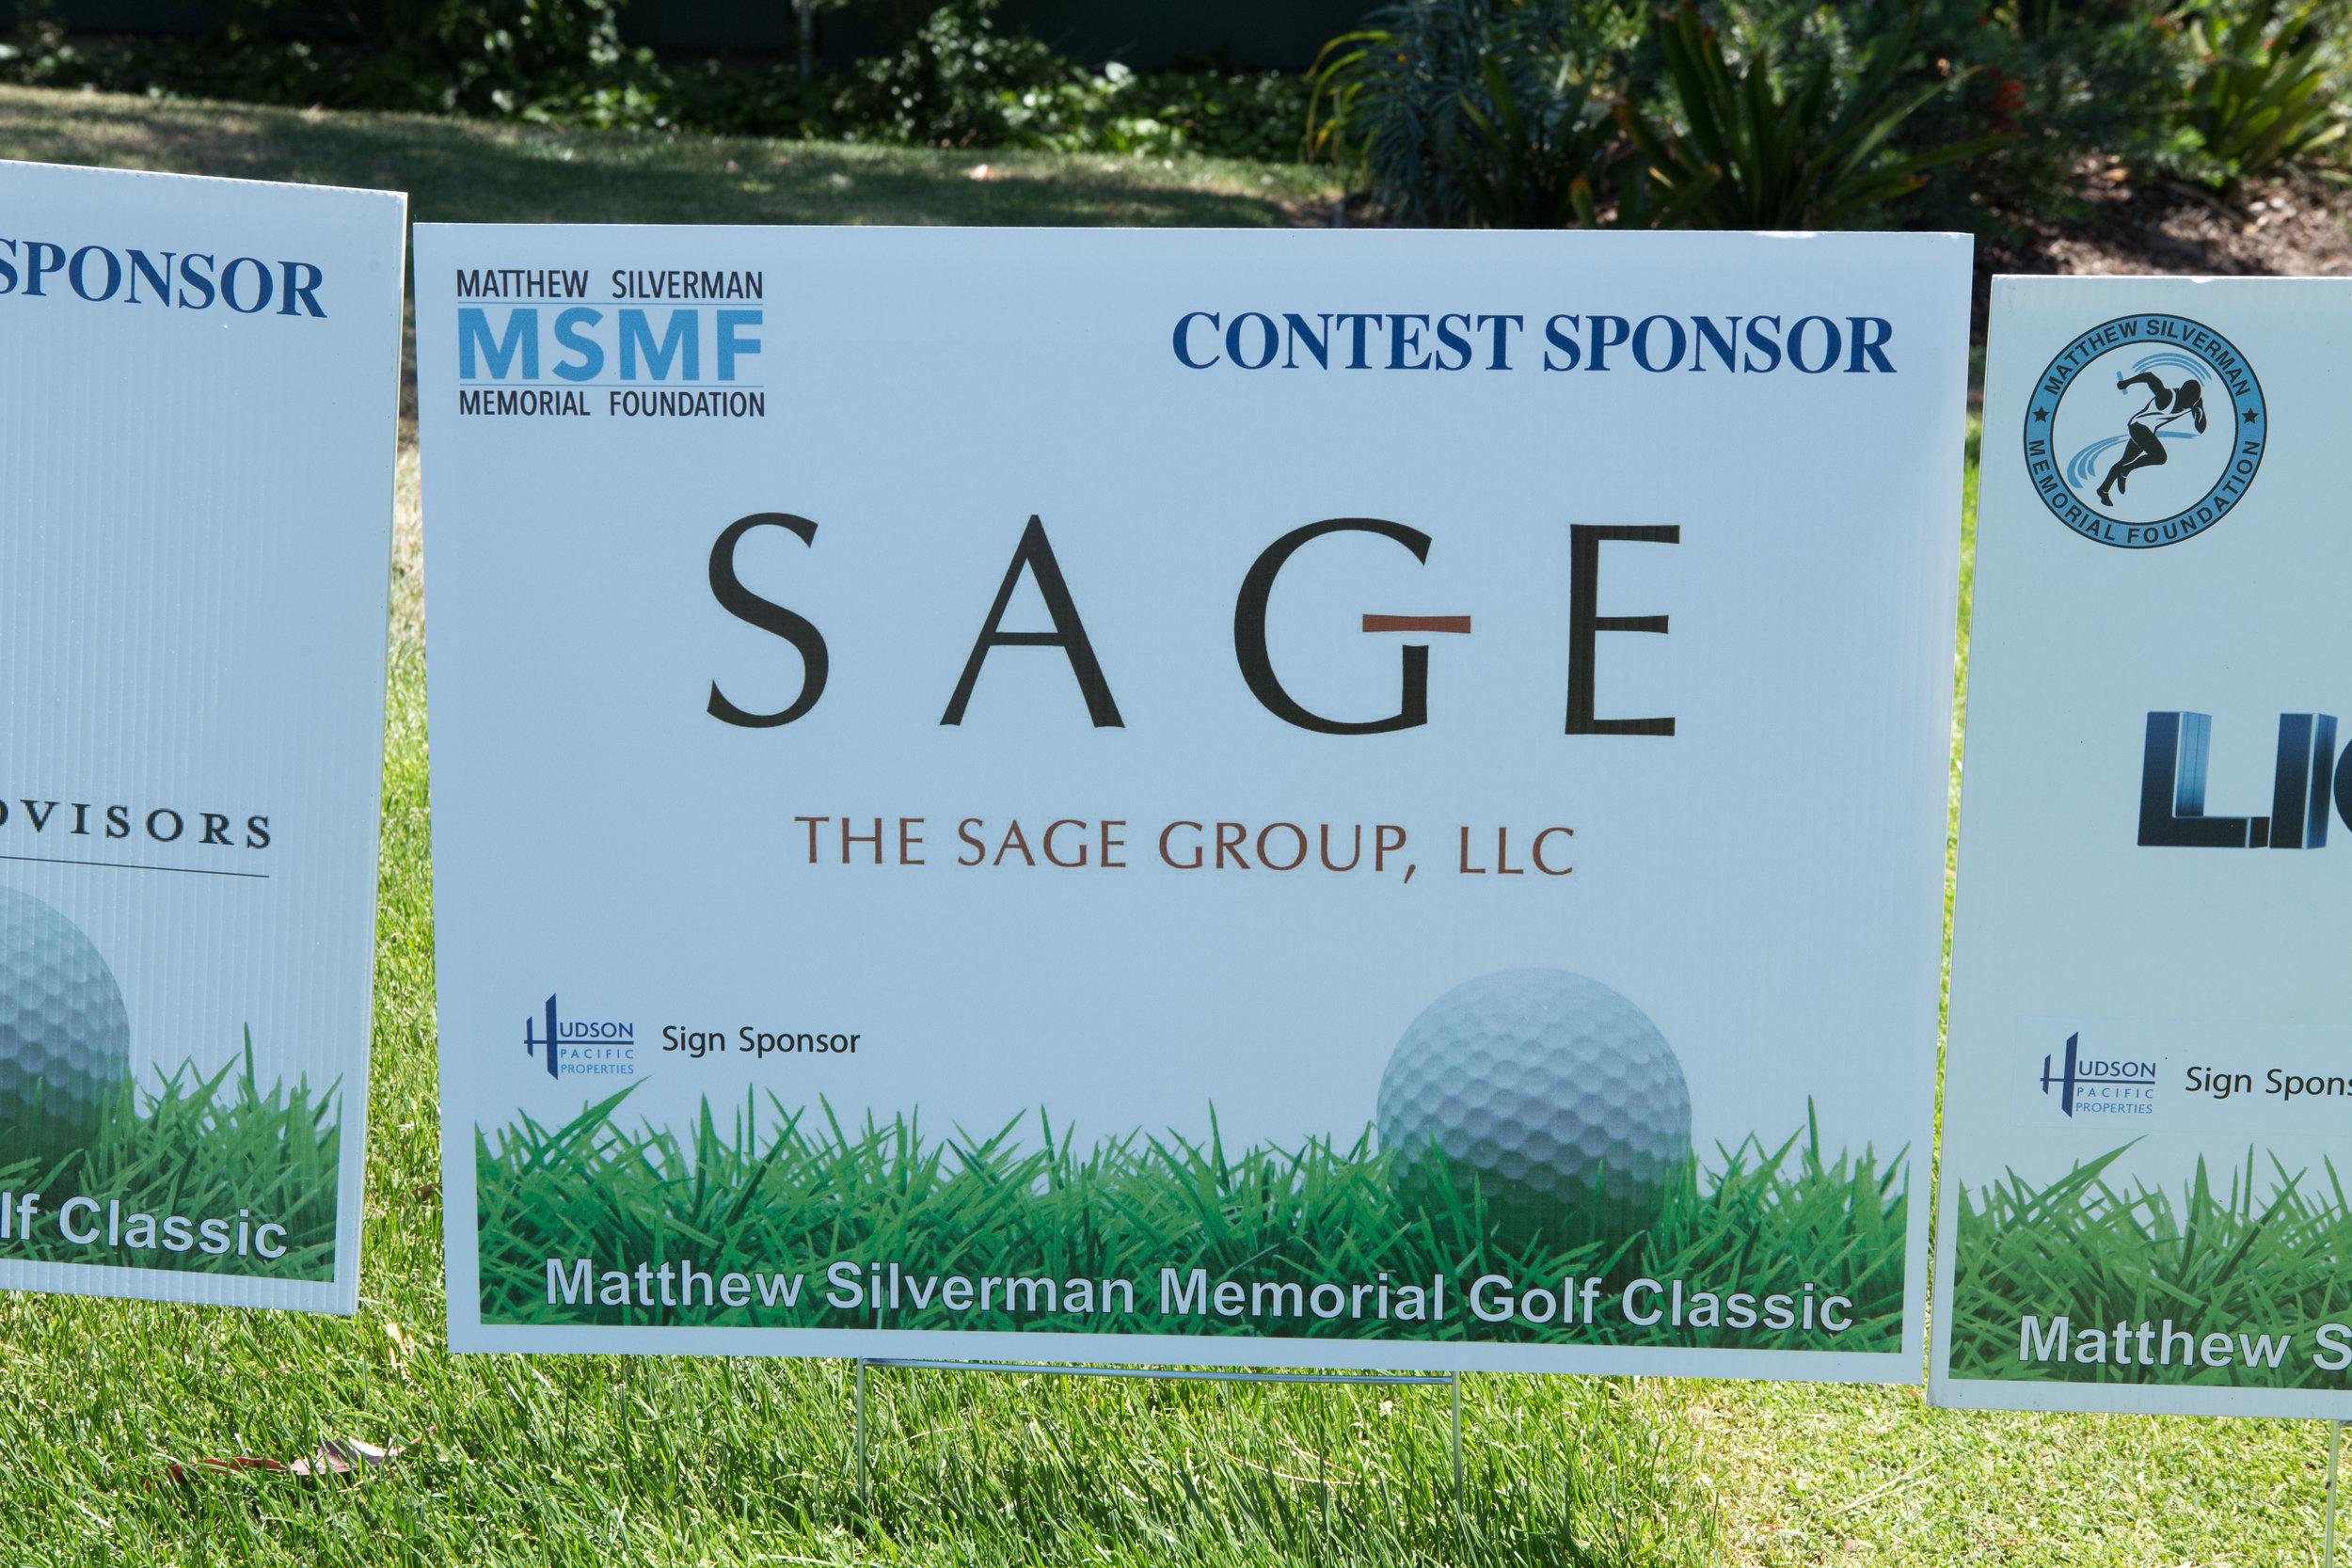 IMG_7933-SPONSOR SIGN-Sage.jpg